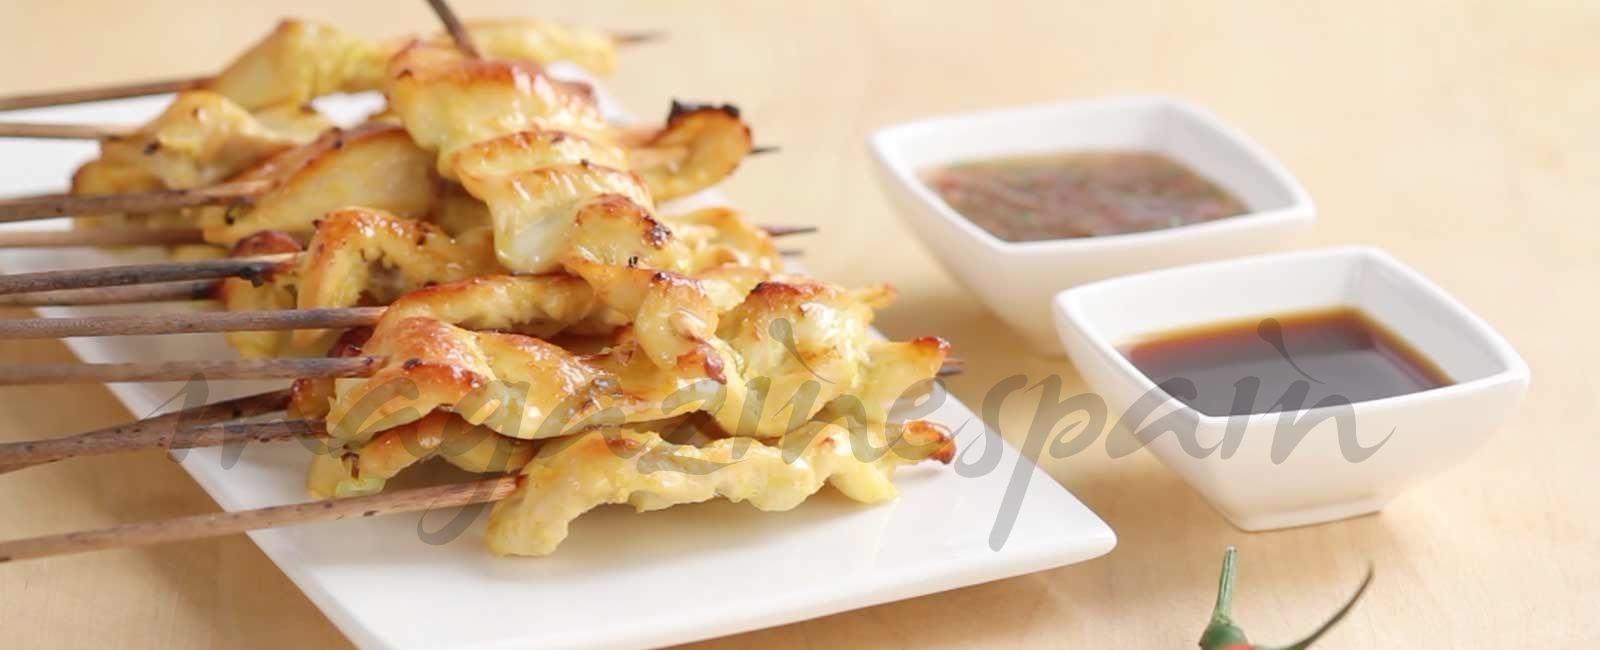 brochetas de pollo thai | Vídeo cocina con Magazinespain | Pinterest ...